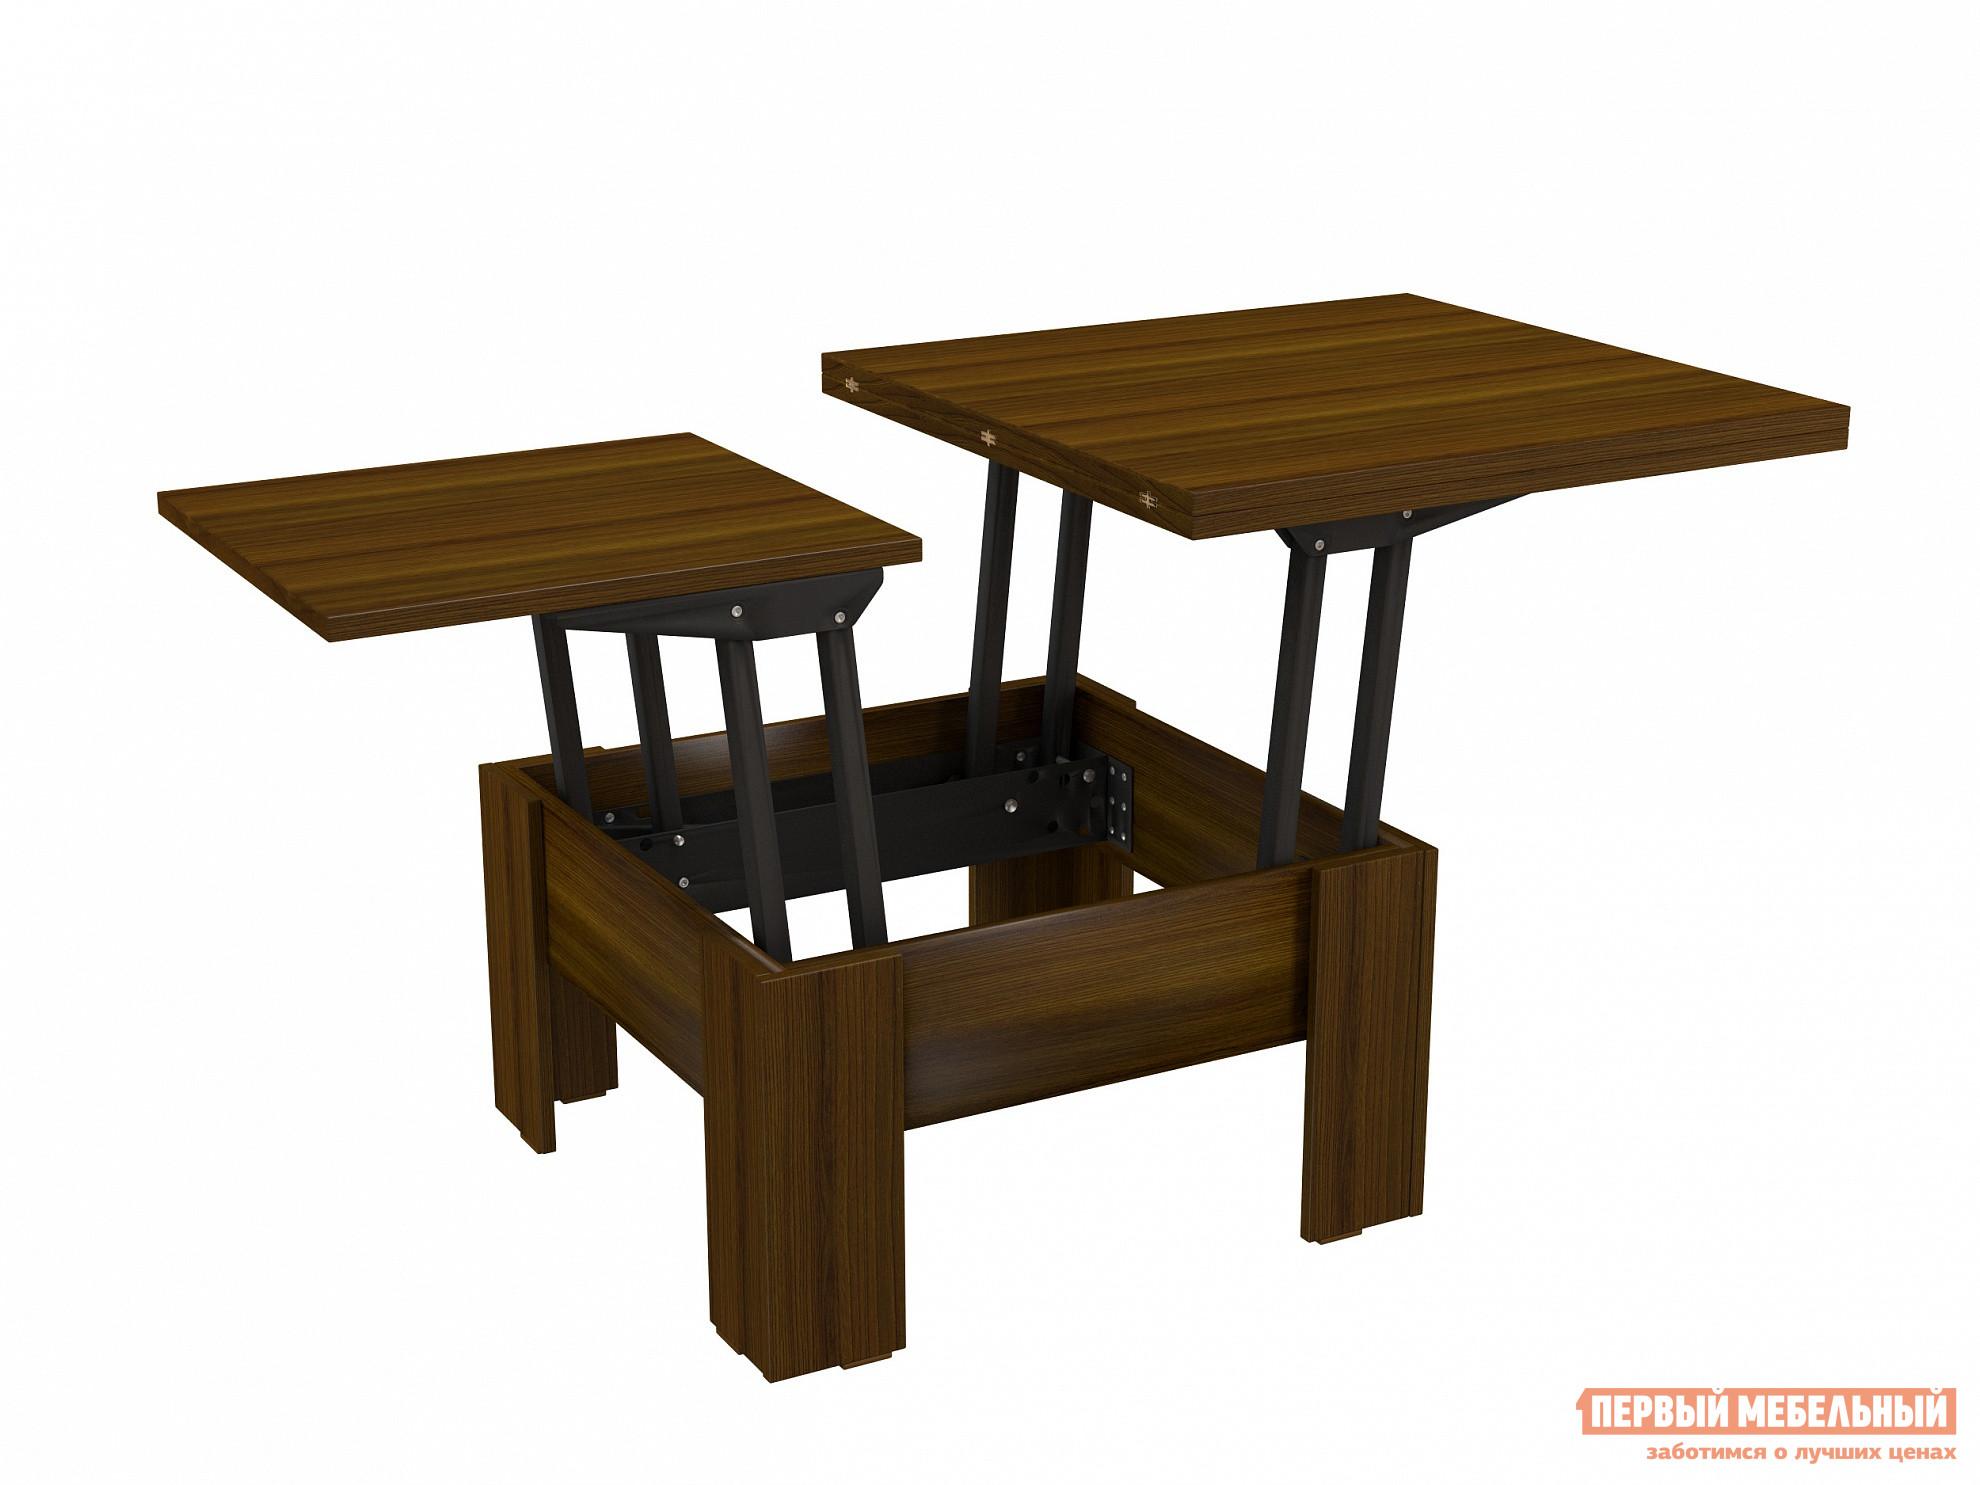 Журнальный столик ВасКо СТ 80-06 Орех ВаленсияЖурнальные столики<br>Габаритные размеры ВхШхГ 490 / 754x776 / 1552x750 мм. Стильный журнальный столик-трансформер небольшого размера.  Такая модель украсит любую гостиную.  Благодаря специальному механизму внутри корпуса, изделие трансформируется в полноценный обеденный стол, за которым может комфортно разместиться шесть человек. Изделие выполнено из ЛДСП высокого качества. Максимально допустимая нагрузка составляет 80 кг.<br><br>Цвет: Коричневое дерево<br>Высота мм: 490 / 754<br>Ширина мм: 776 / 1552<br>Глубина мм: 750<br>Кол-во упаковок: 2<br>Форма поставки: В разобранном виде<br>Срок гарантии: 24 месяца<br>Тип: Трансформер<br>Назначение: Для гостиной<br>Материал: ЛДСП<br>Форма: Прямоугольные<br>Размер: Маленькие<br>Размер: Большие<br>Высота: Низкие<br>Стиль: Современный